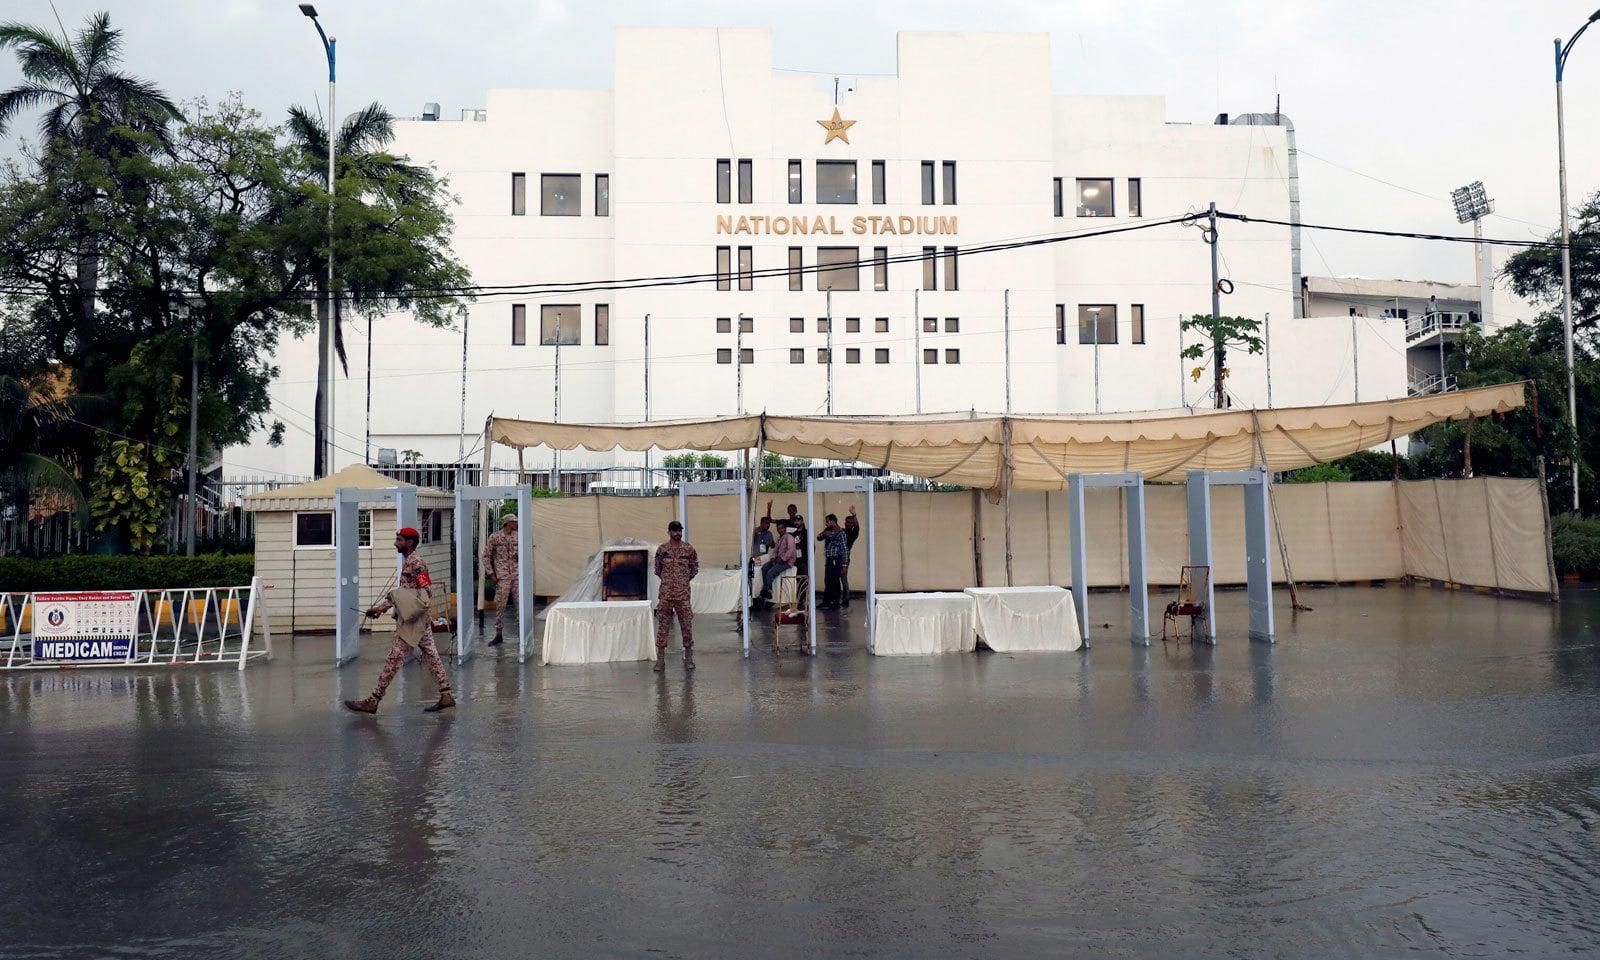 نیشنل اسٹیڈیم کے باہر شائقین کے لیے نصب واک تھر گیٹ کے پاس بھی بارش کا پانی جمع ہو گیا تھا— فوٹو: اے ایف پی